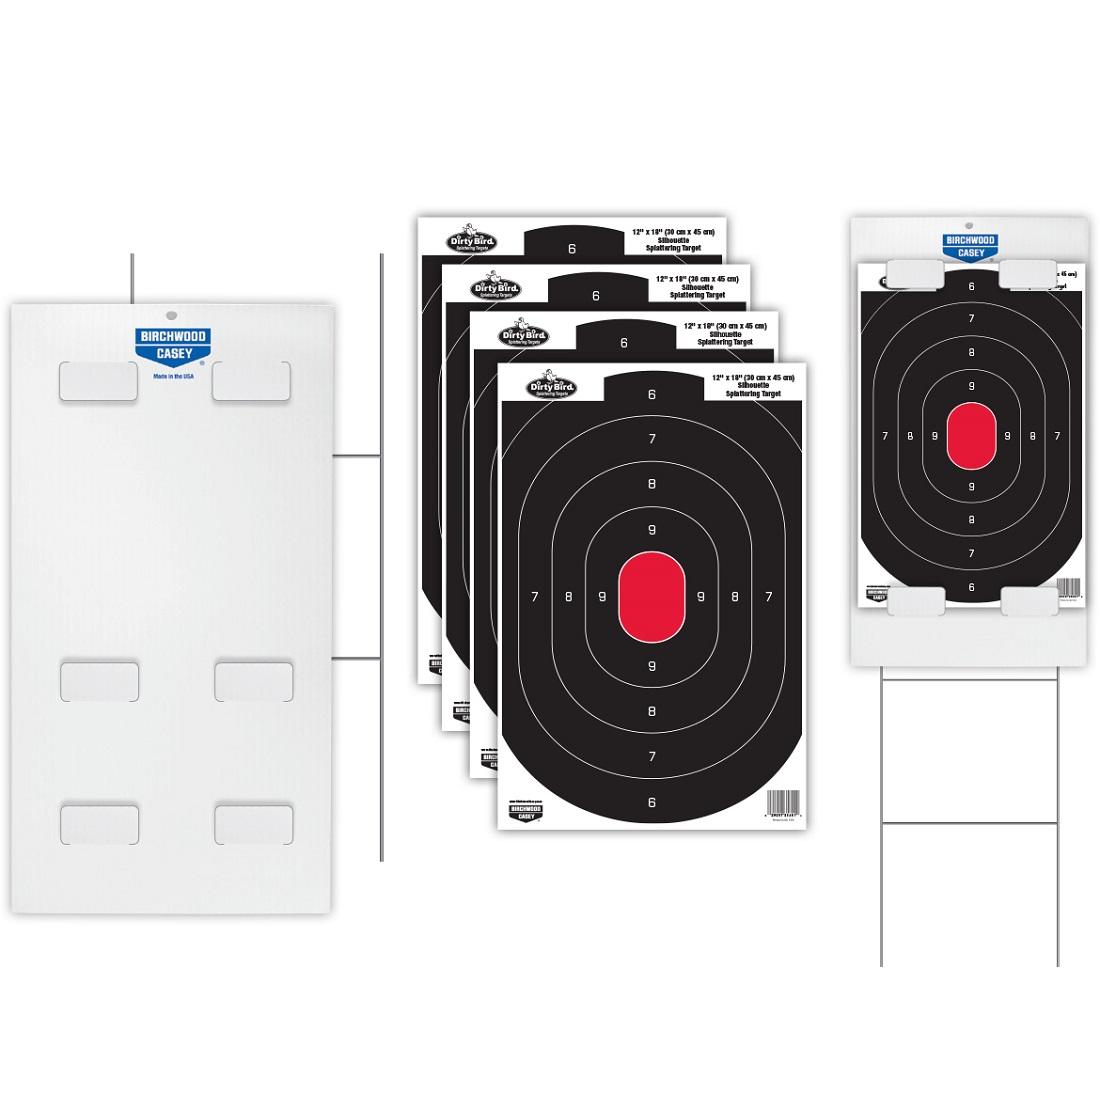 BC Sharpshooter Tab-Lock Dirty Bird Silhouette Target Kit